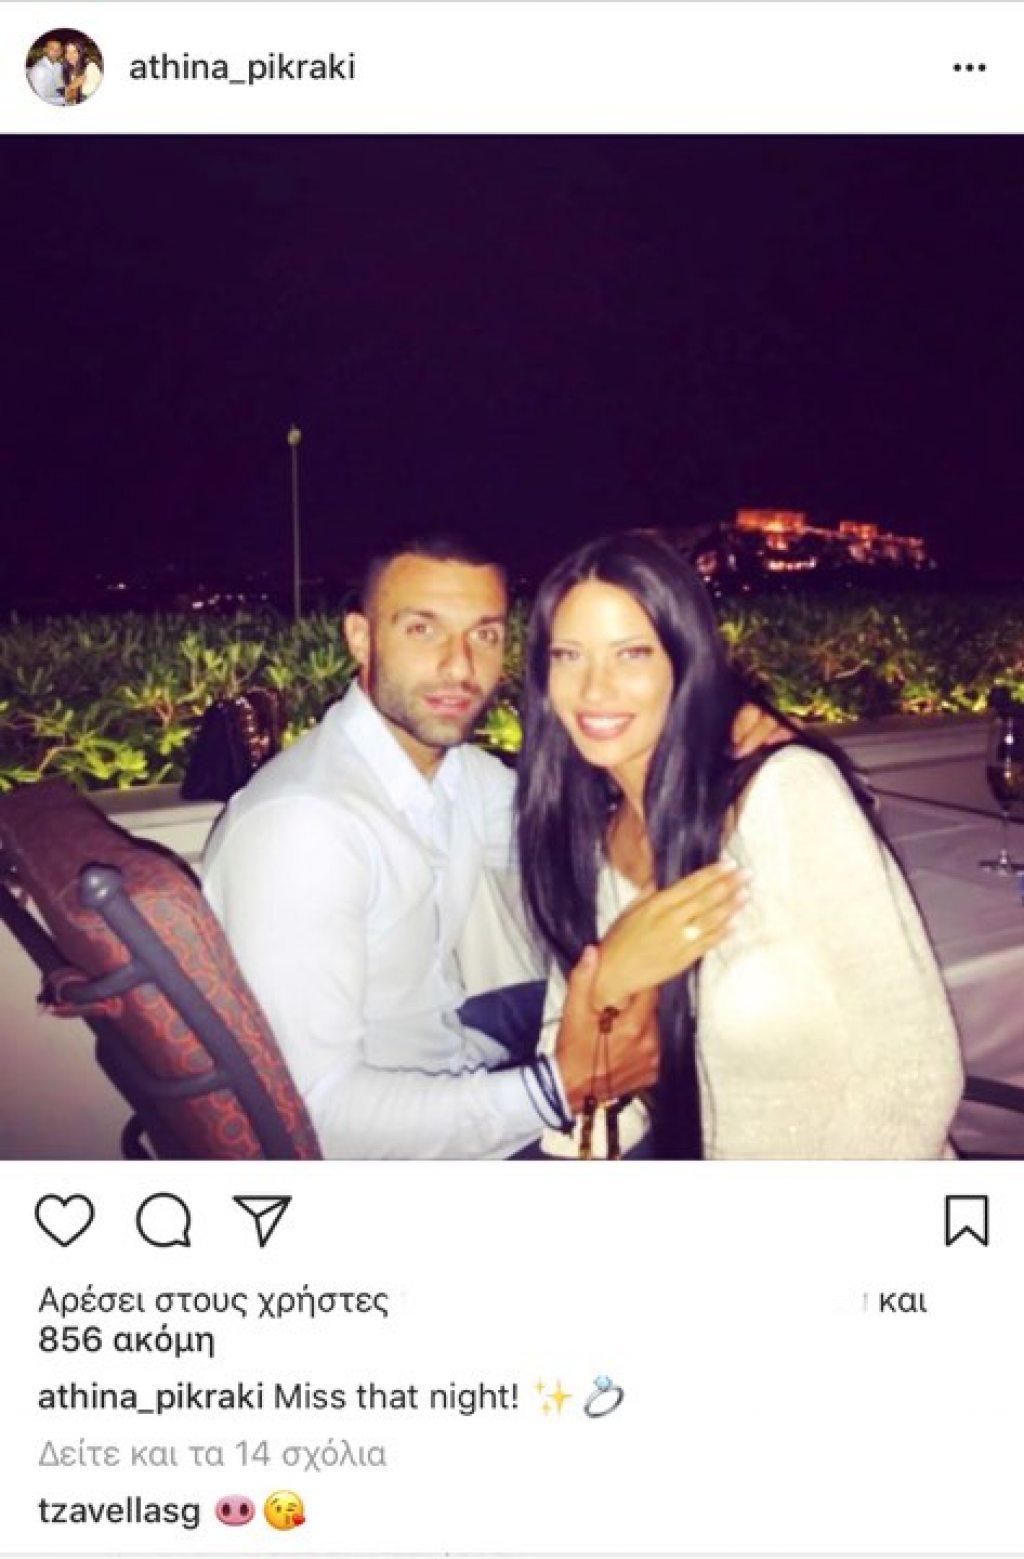 Αθηνά Πικράκη: Η σύντροφος του Γιώργου Τζαβέλλα αναπολεί... εκείνη τη βραδιά (pic)